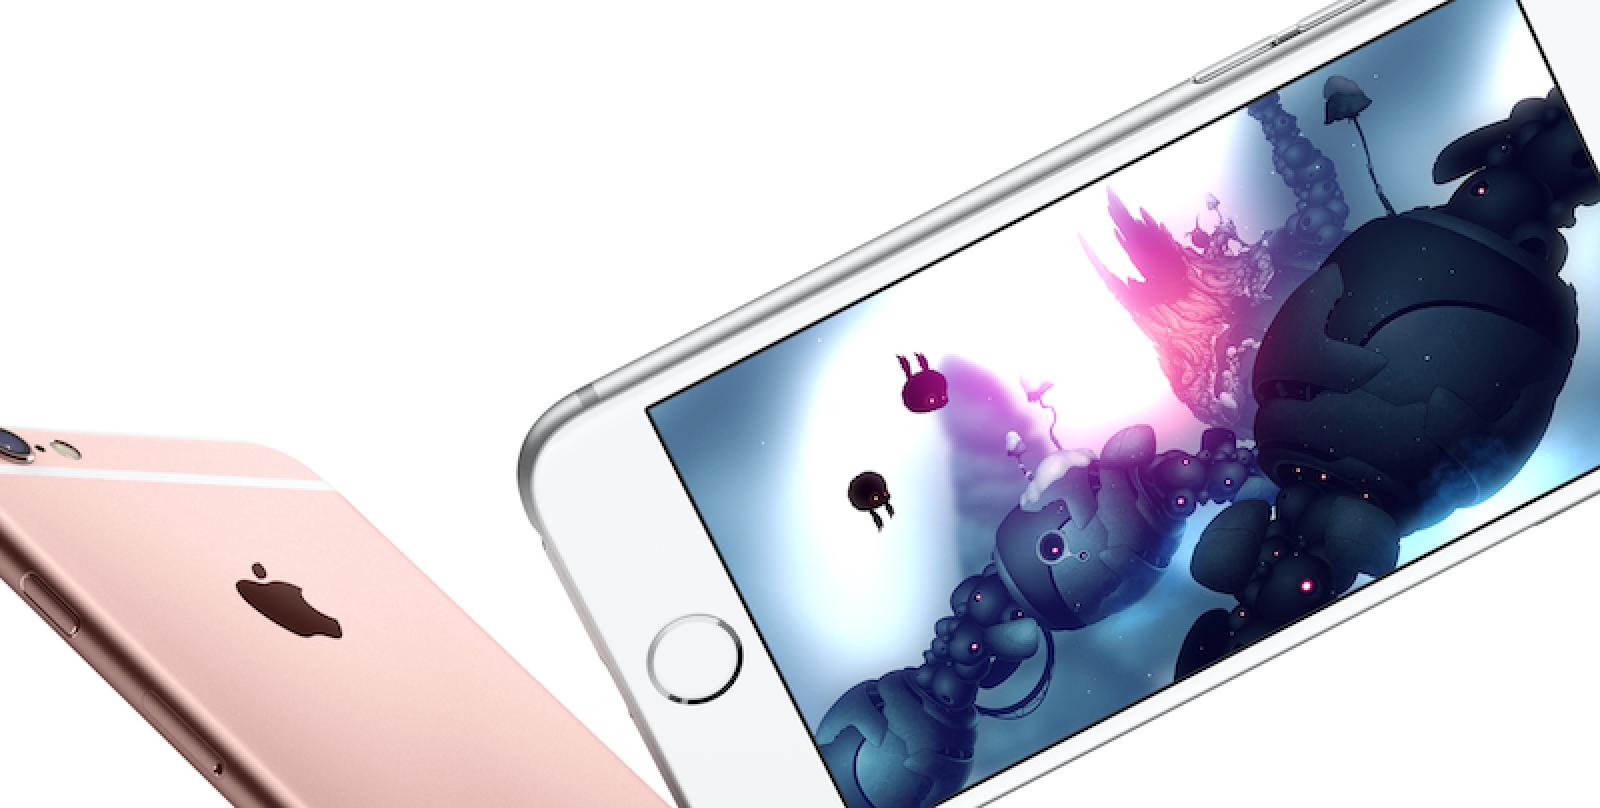 Вмае компания Самсунг начнет выпускать OLED-дисплеи для iPhone